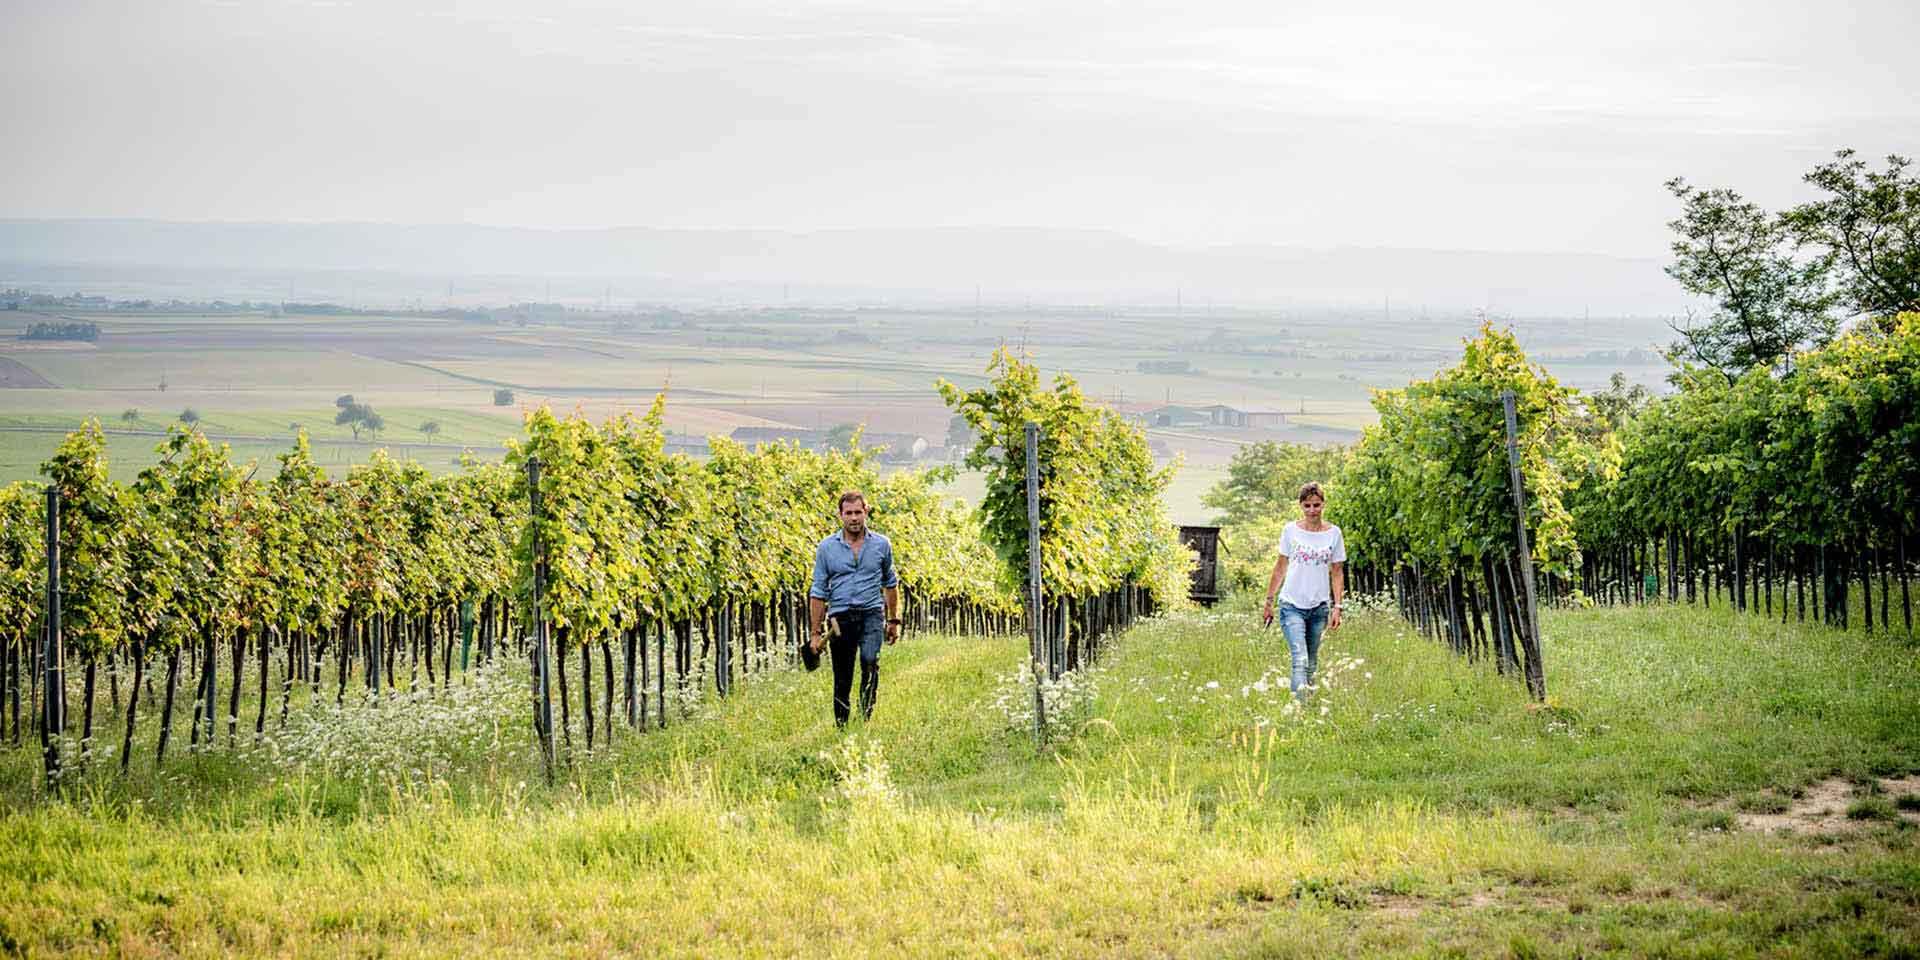 Der Grüne Veltliner reift am Wagram zu herzhaft würzigen Tropfen heran. Er führt das Sortiment der Weißweine an, die Substanz und Trinkvergnügen vereinen. Auch einige der gehaltvollsten Rotweine Niederösterreichs trifft man hier.